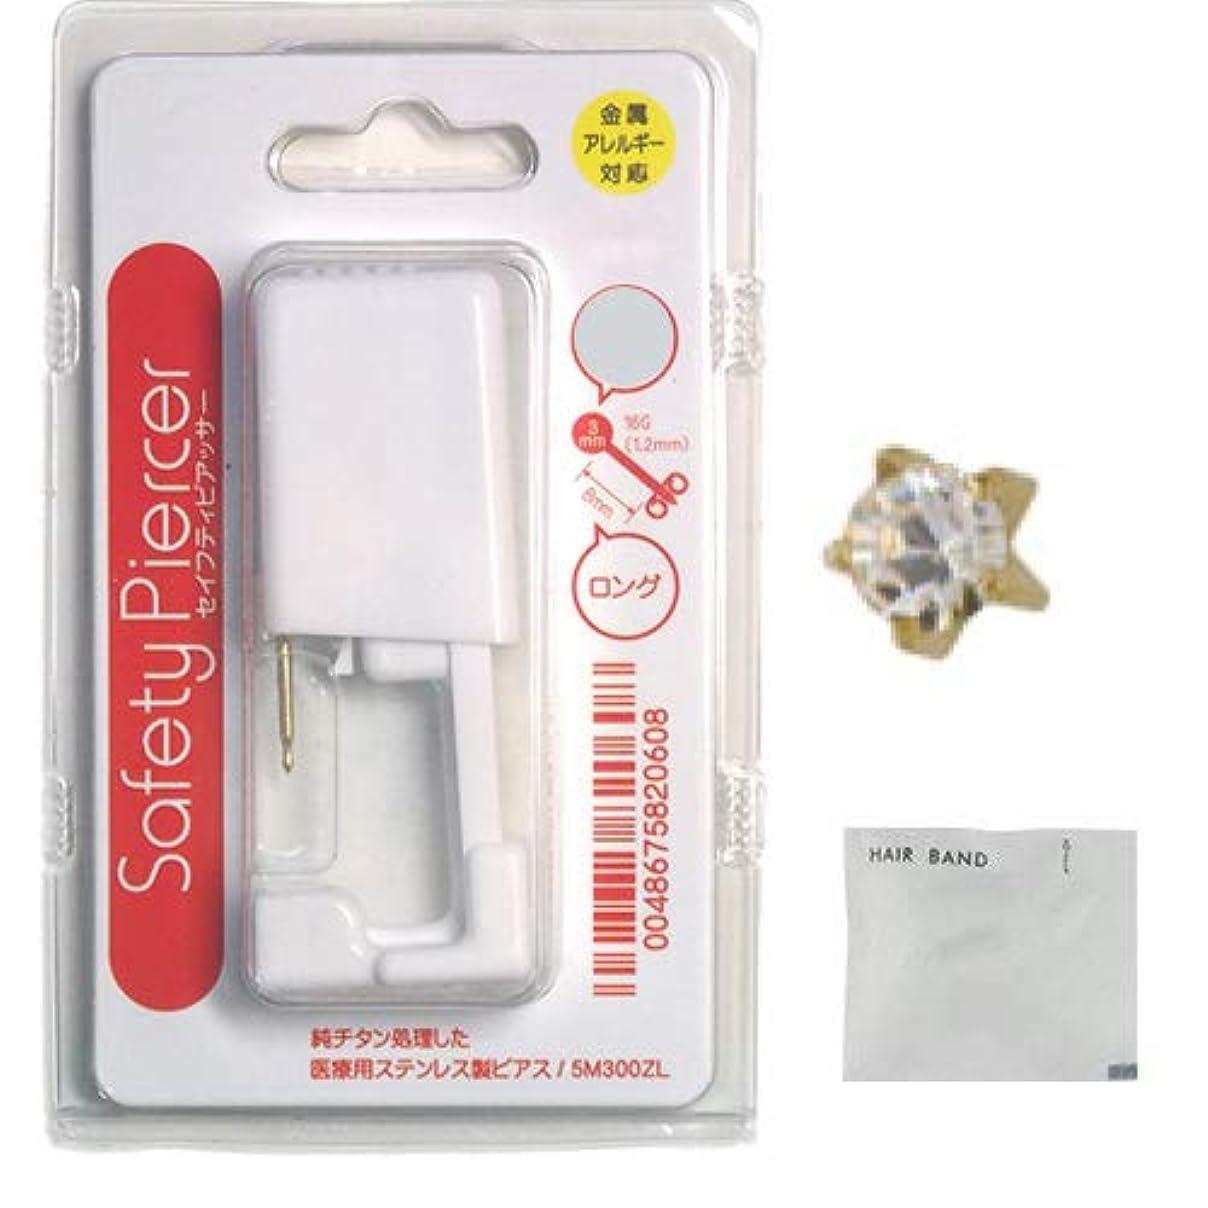 移住する有効ウィスキーセイフティピアッサー シャンパンゴールド チタンロングタイプ(片耳用) 5M104WL 4月ダイヤモンド+ ヘアゴム(カラーはおまかせ)セット